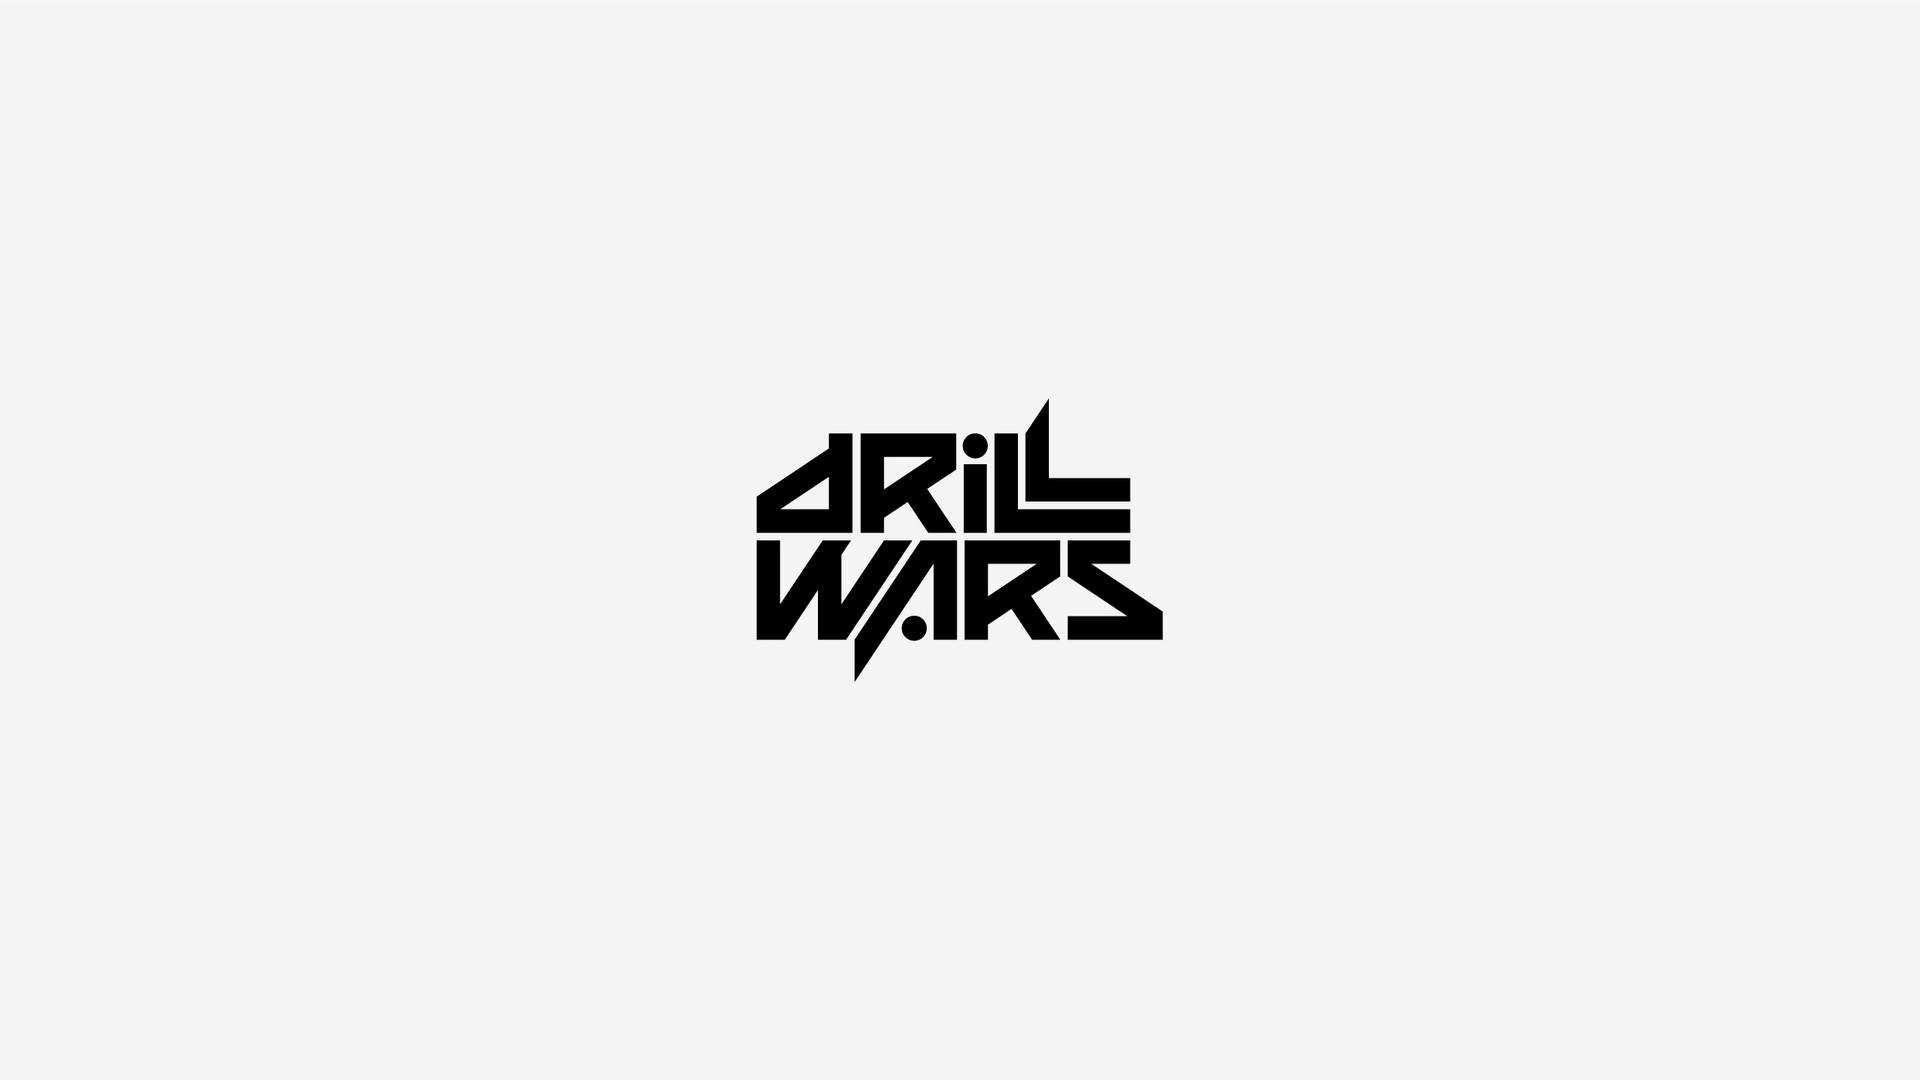 Drill Wars